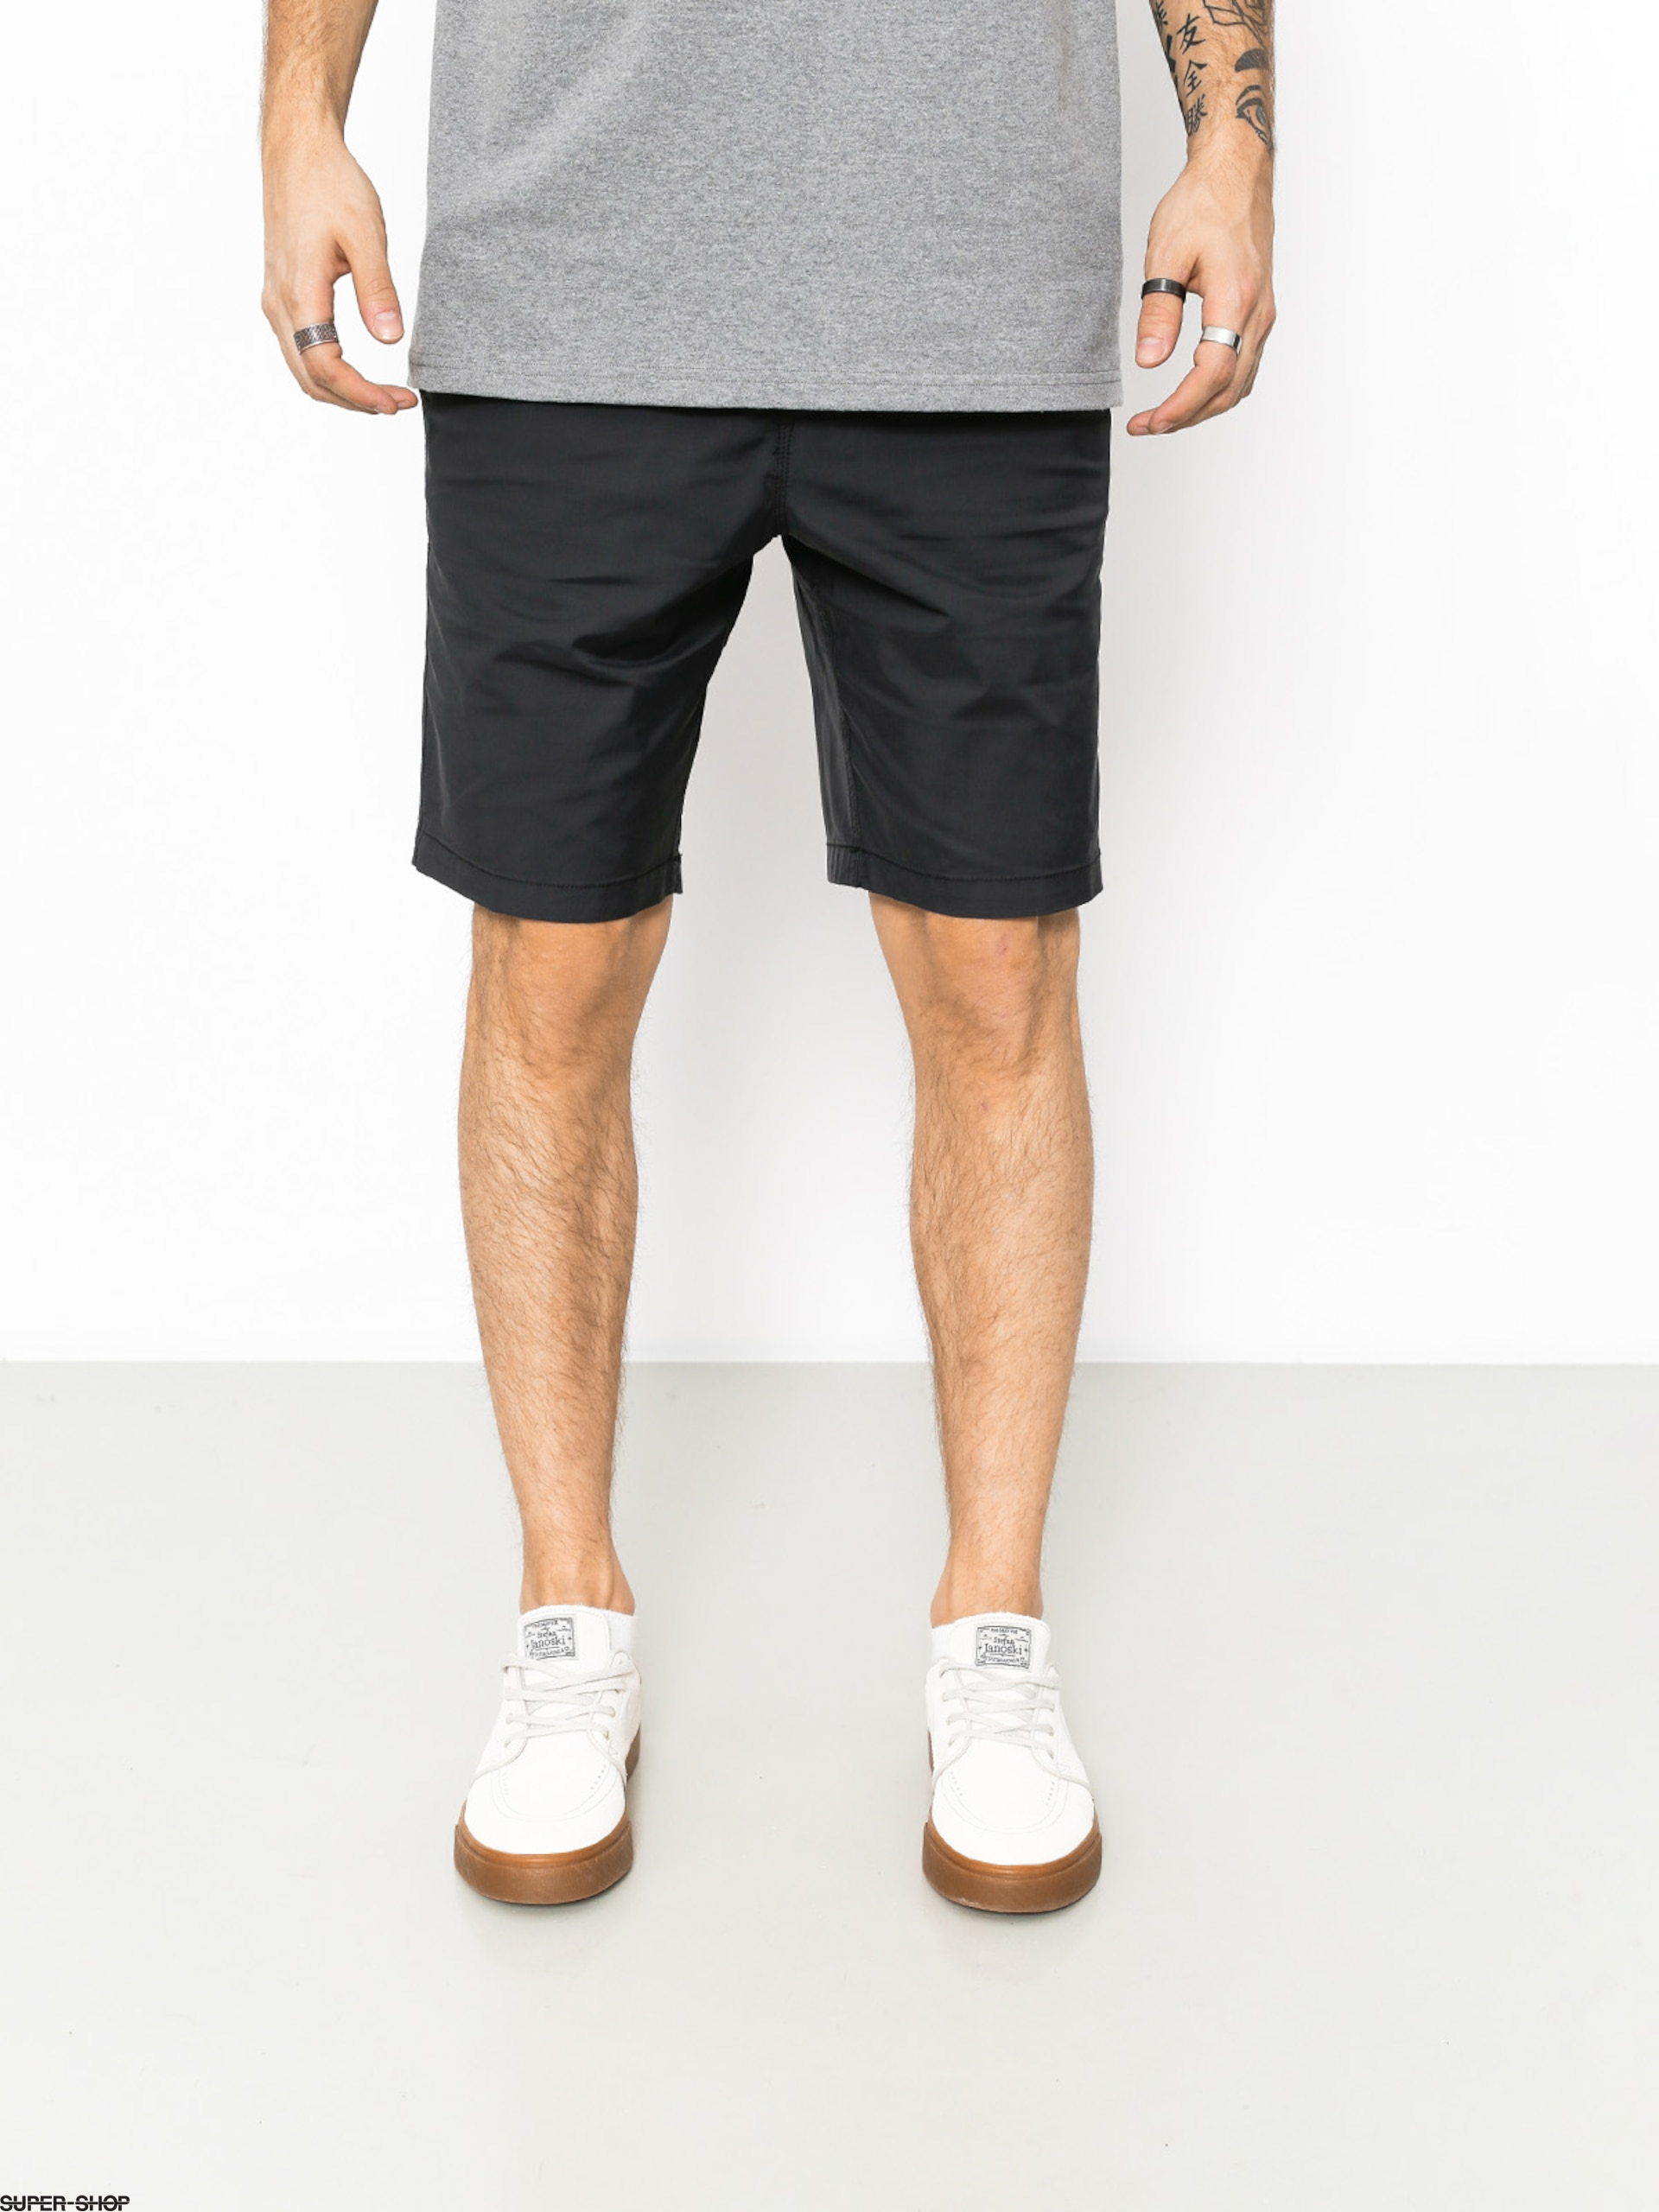 1a63e57ed5 933369-w1920-rvca-shorts-week-end-hybrid-ii-black.jpg